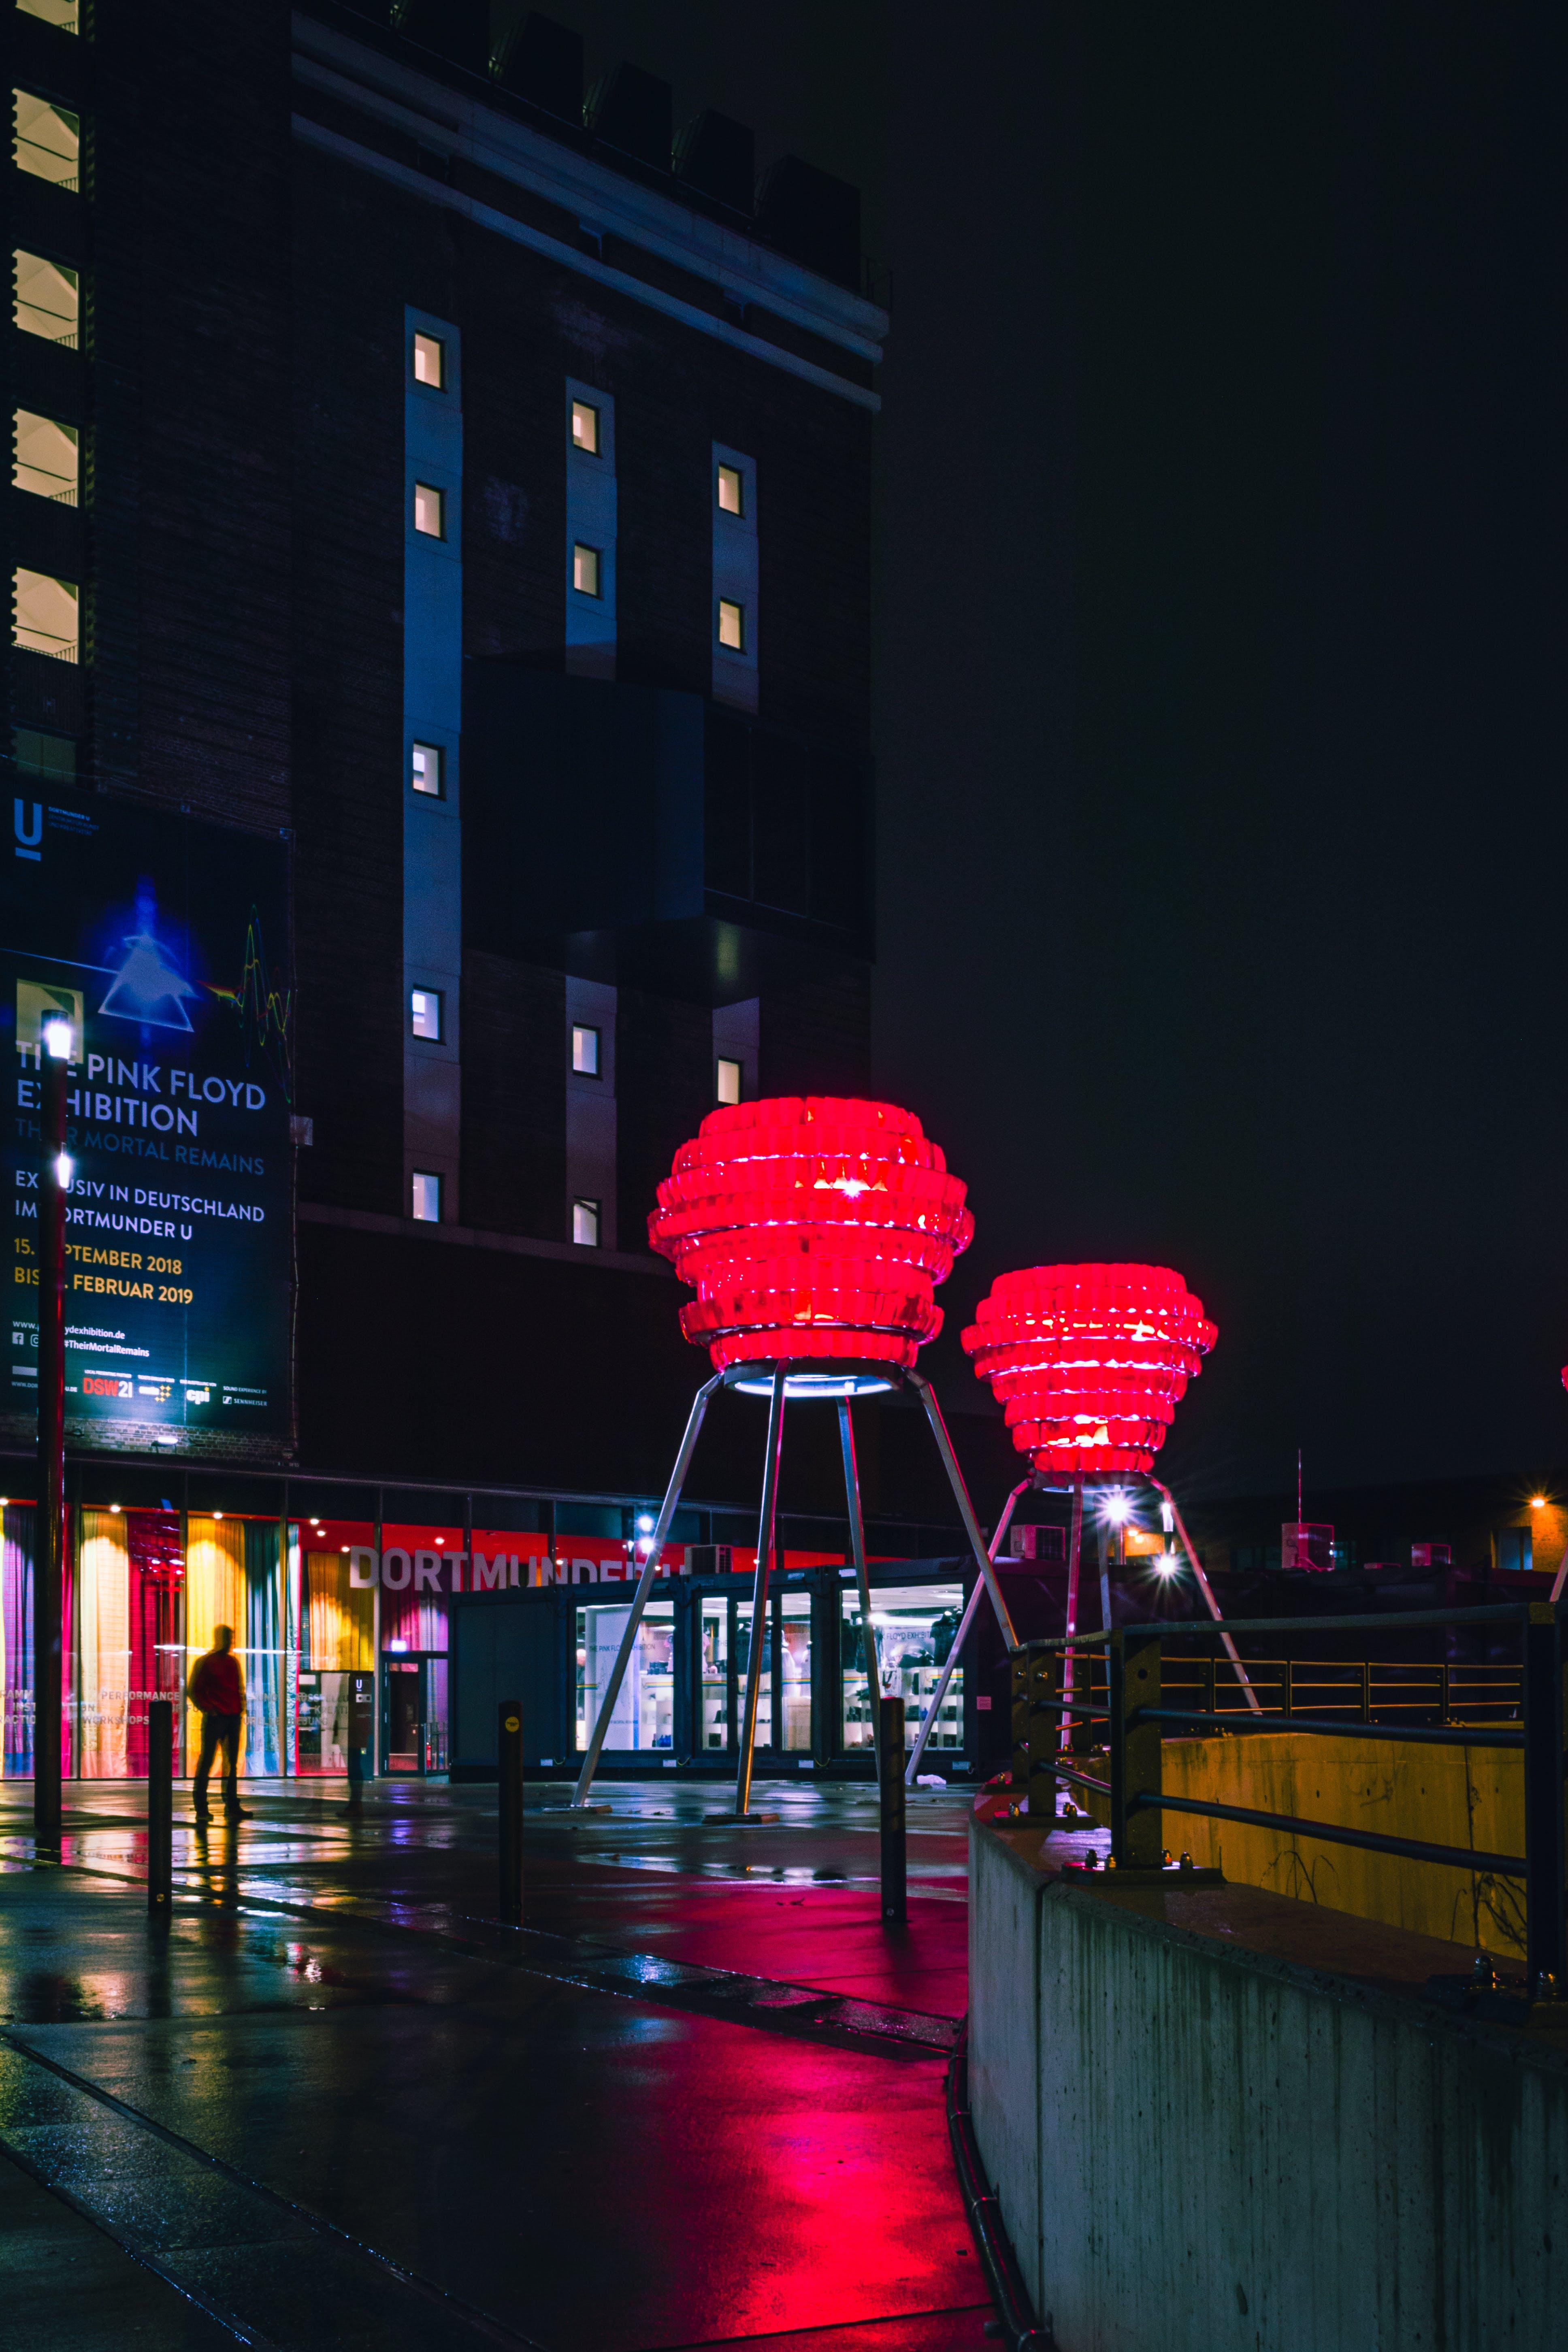 건축, 도시의, 밤, 번개의 무료 스톡 사진